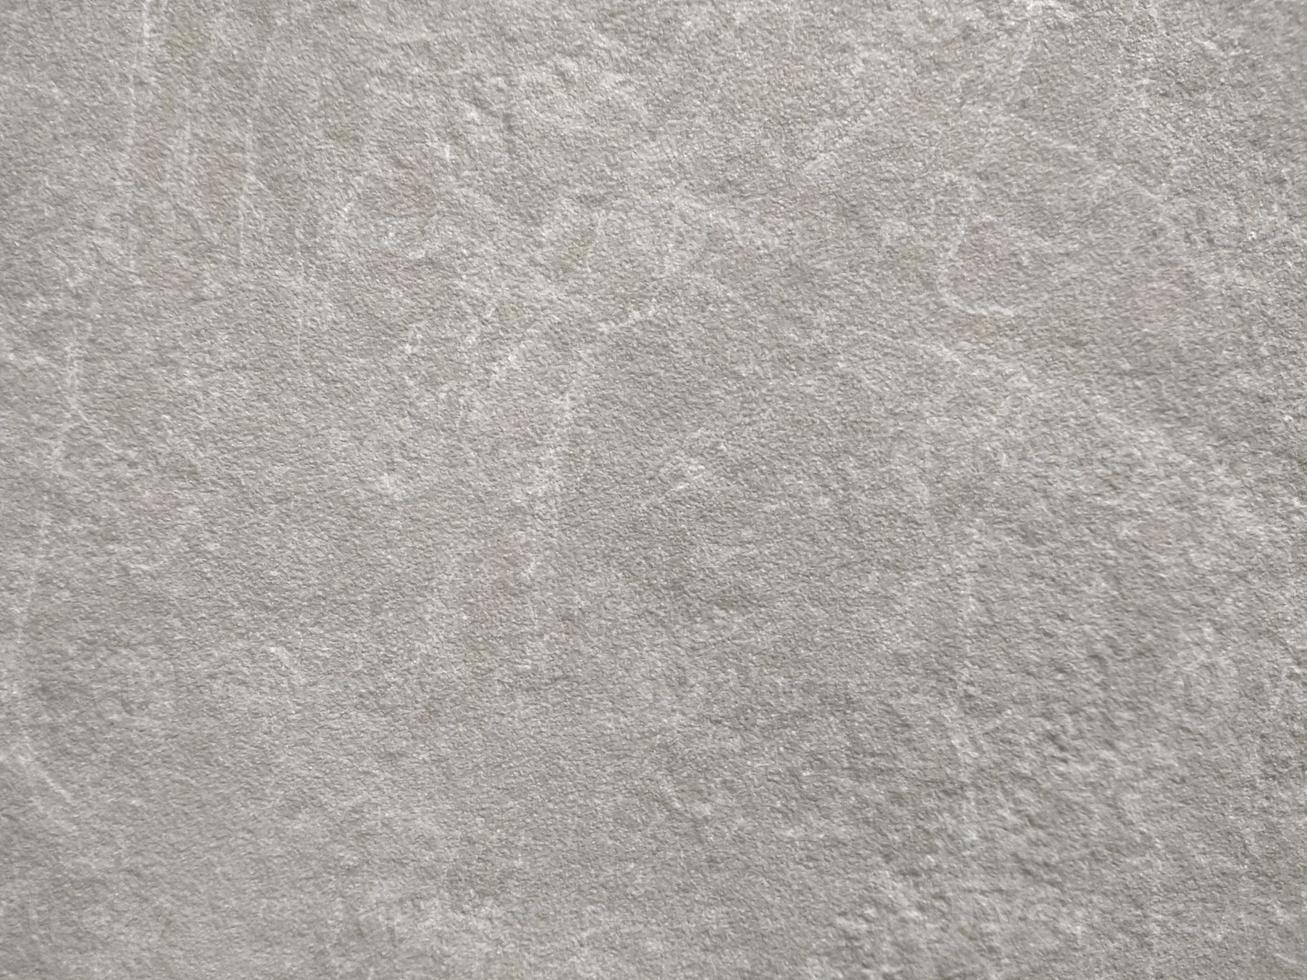 textura de hormigón rugoso foto